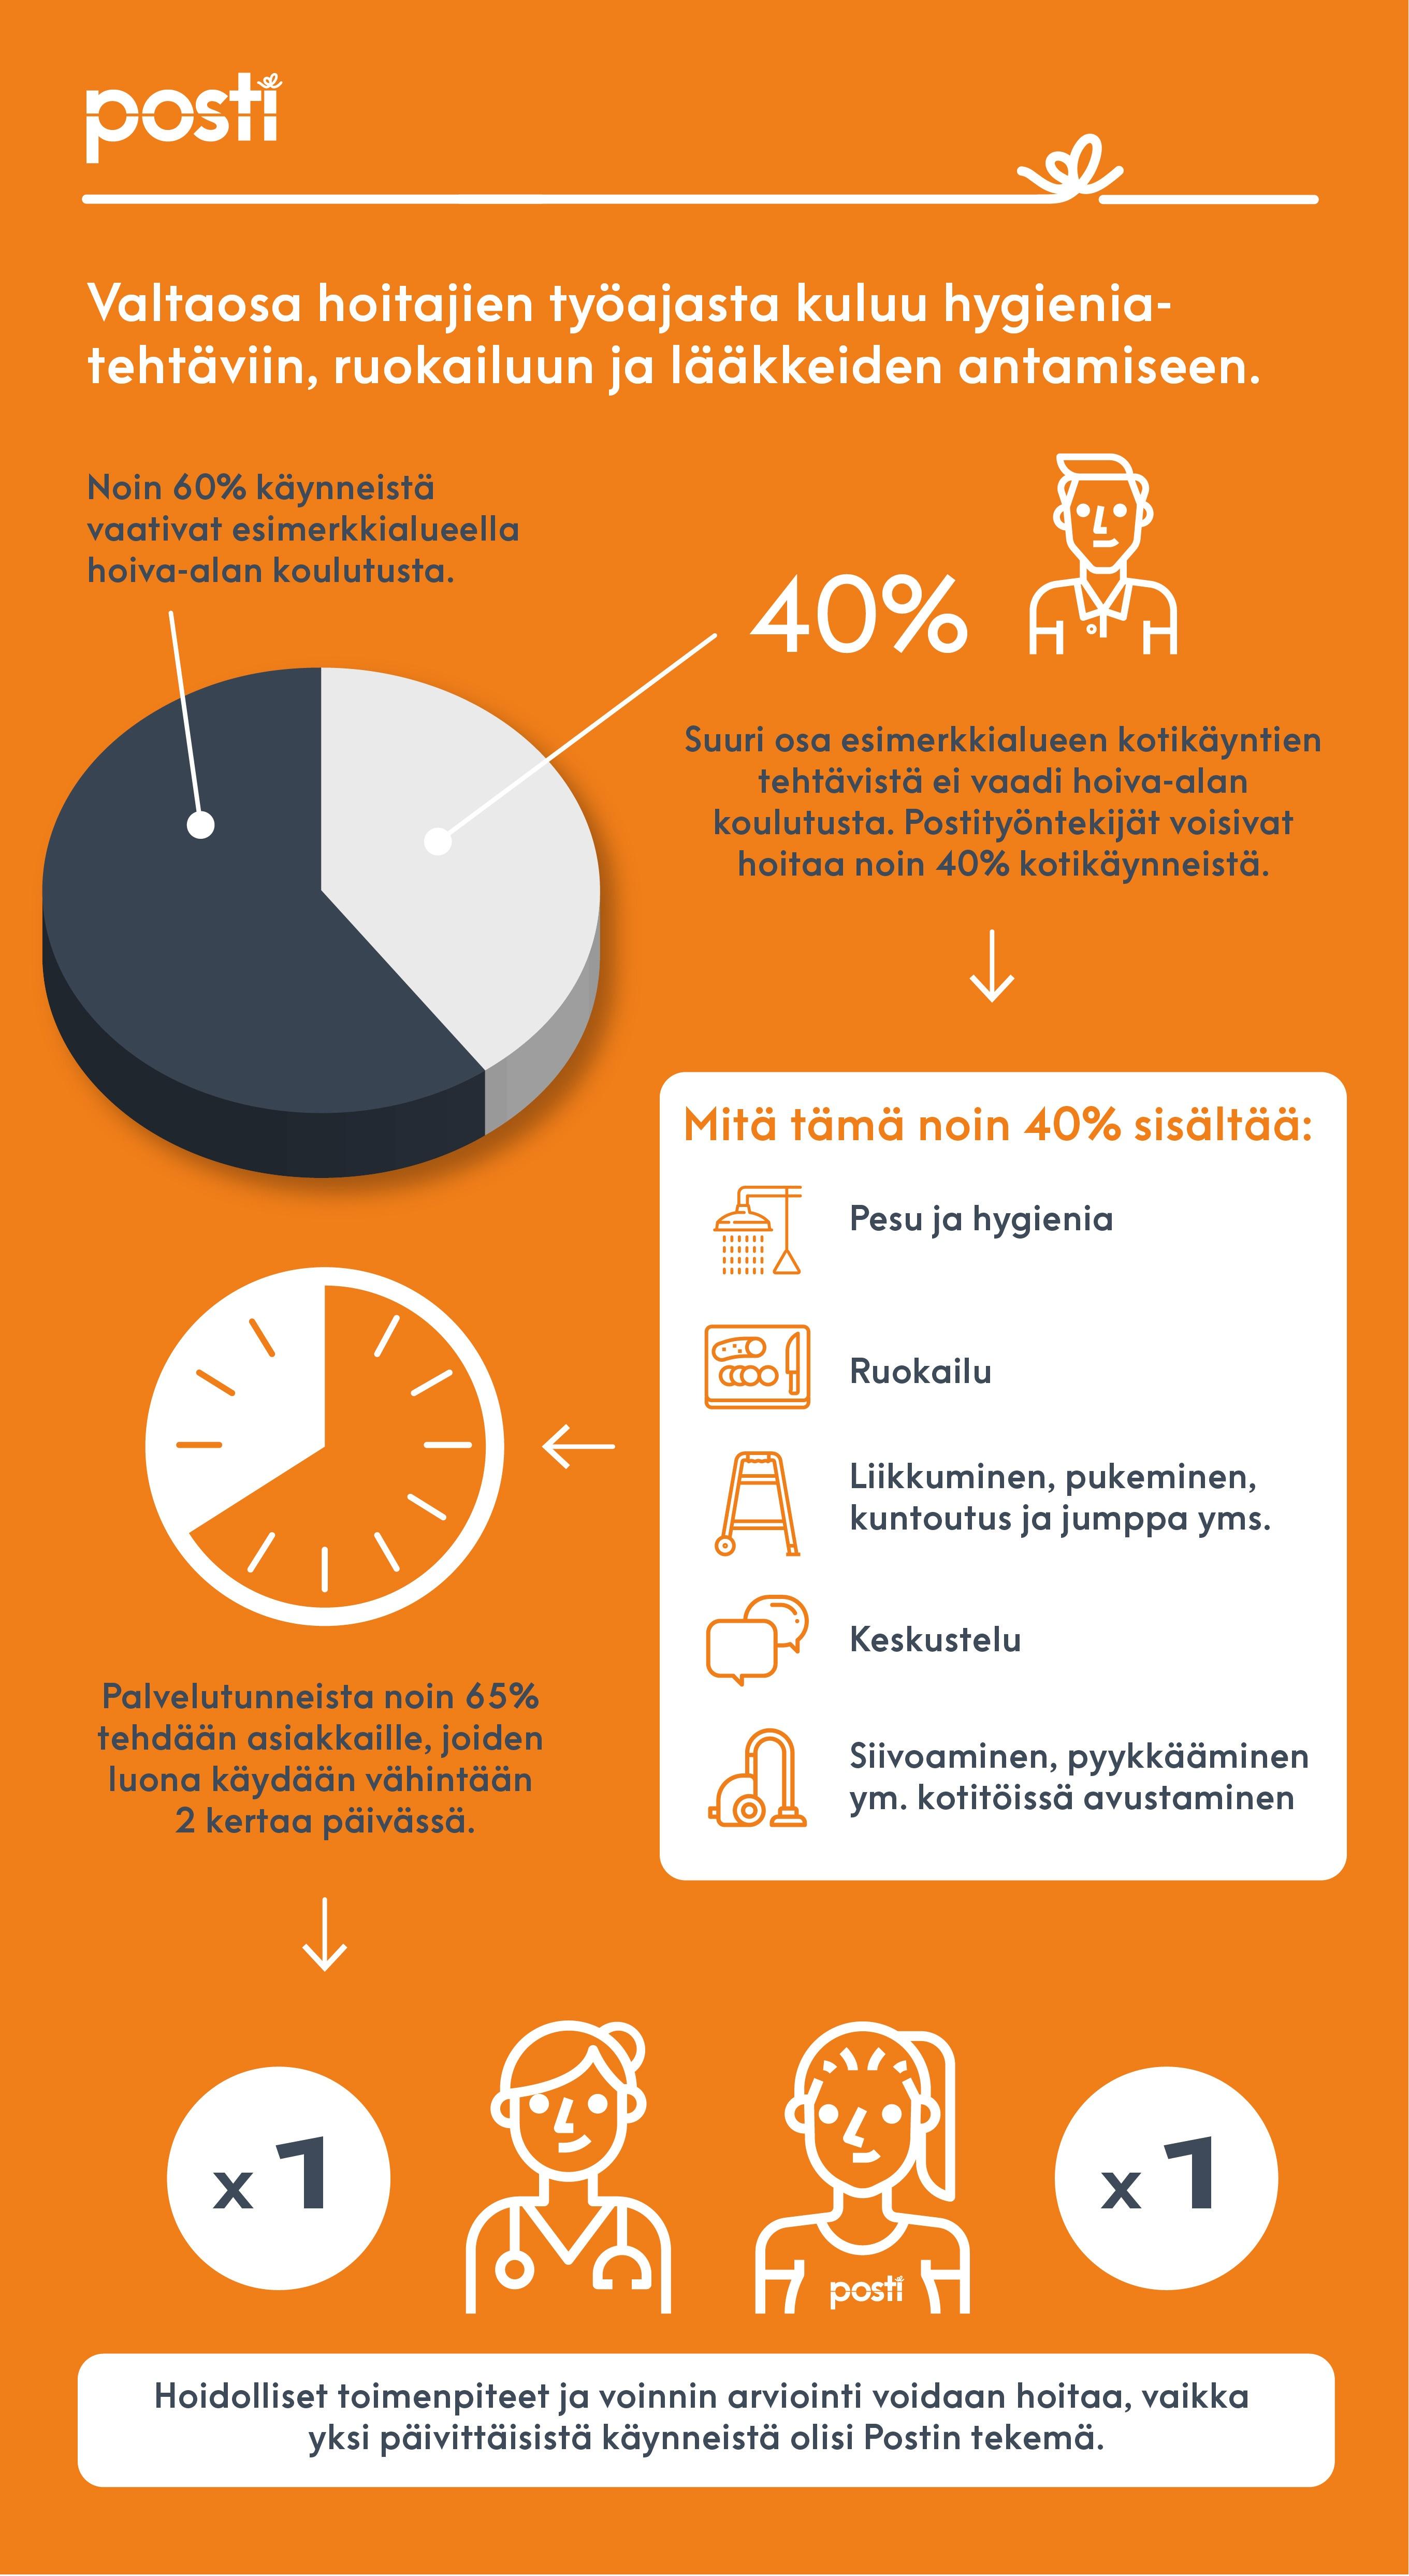 posti-kotipalvelut-infograafi.jpg